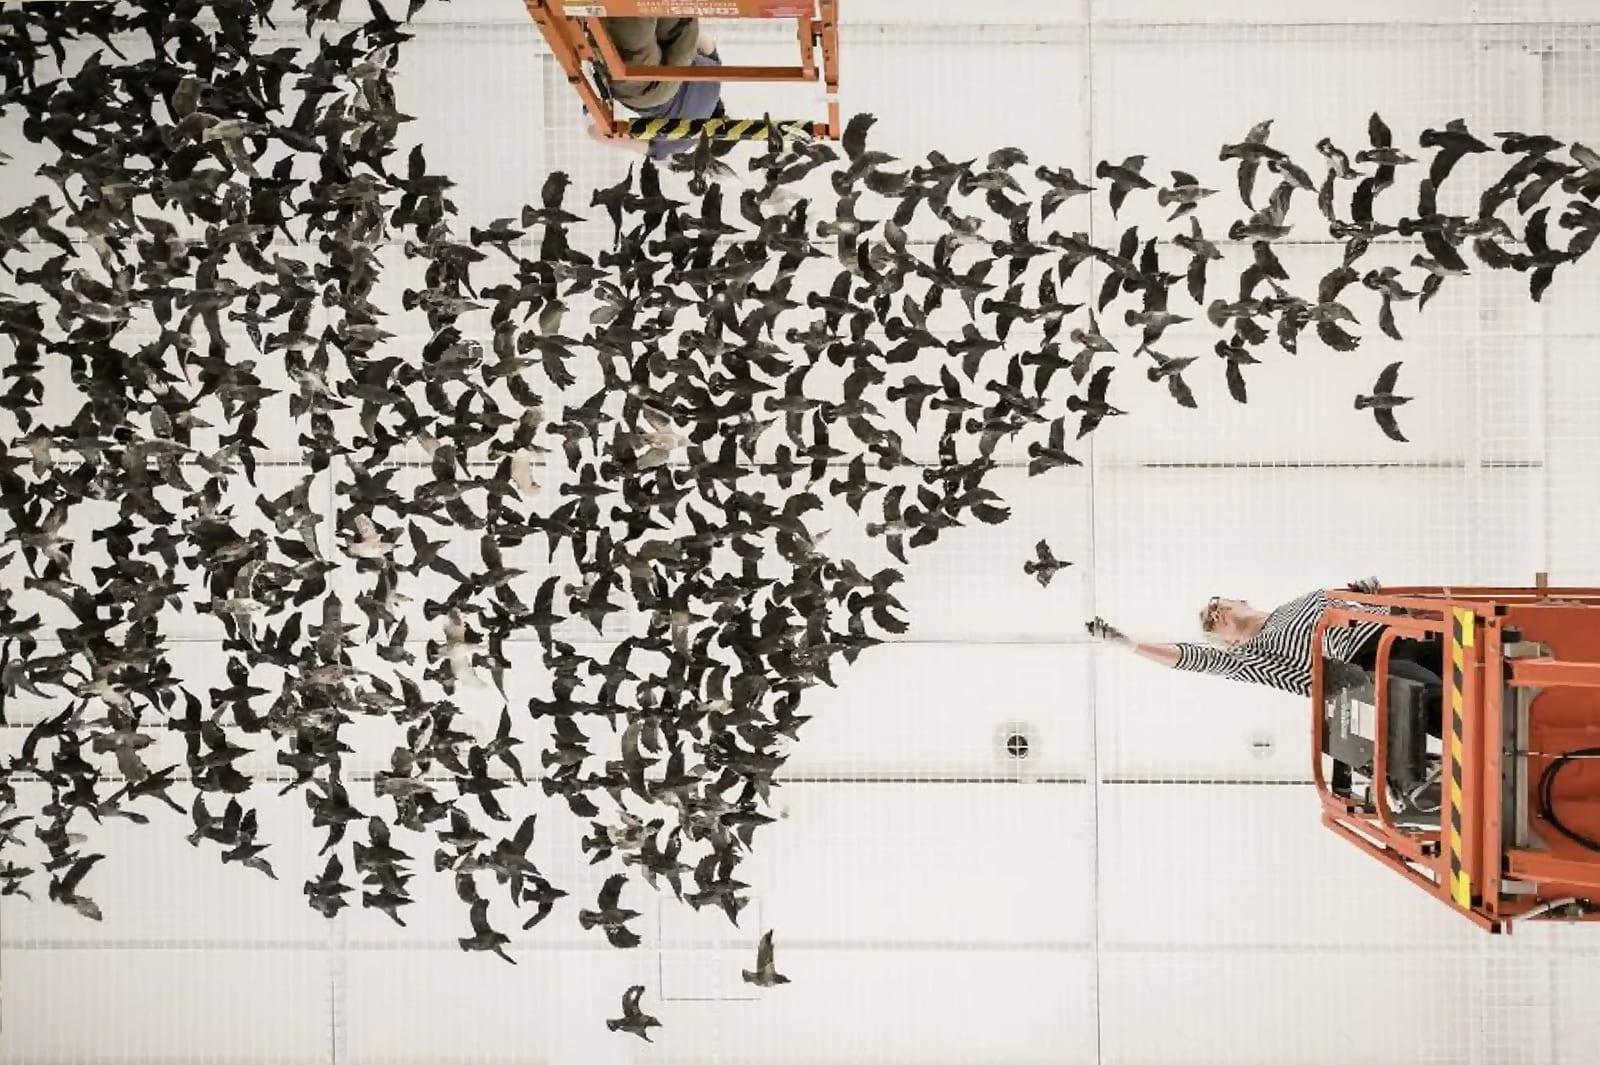 Murmuration by Cai Guo-Qiang